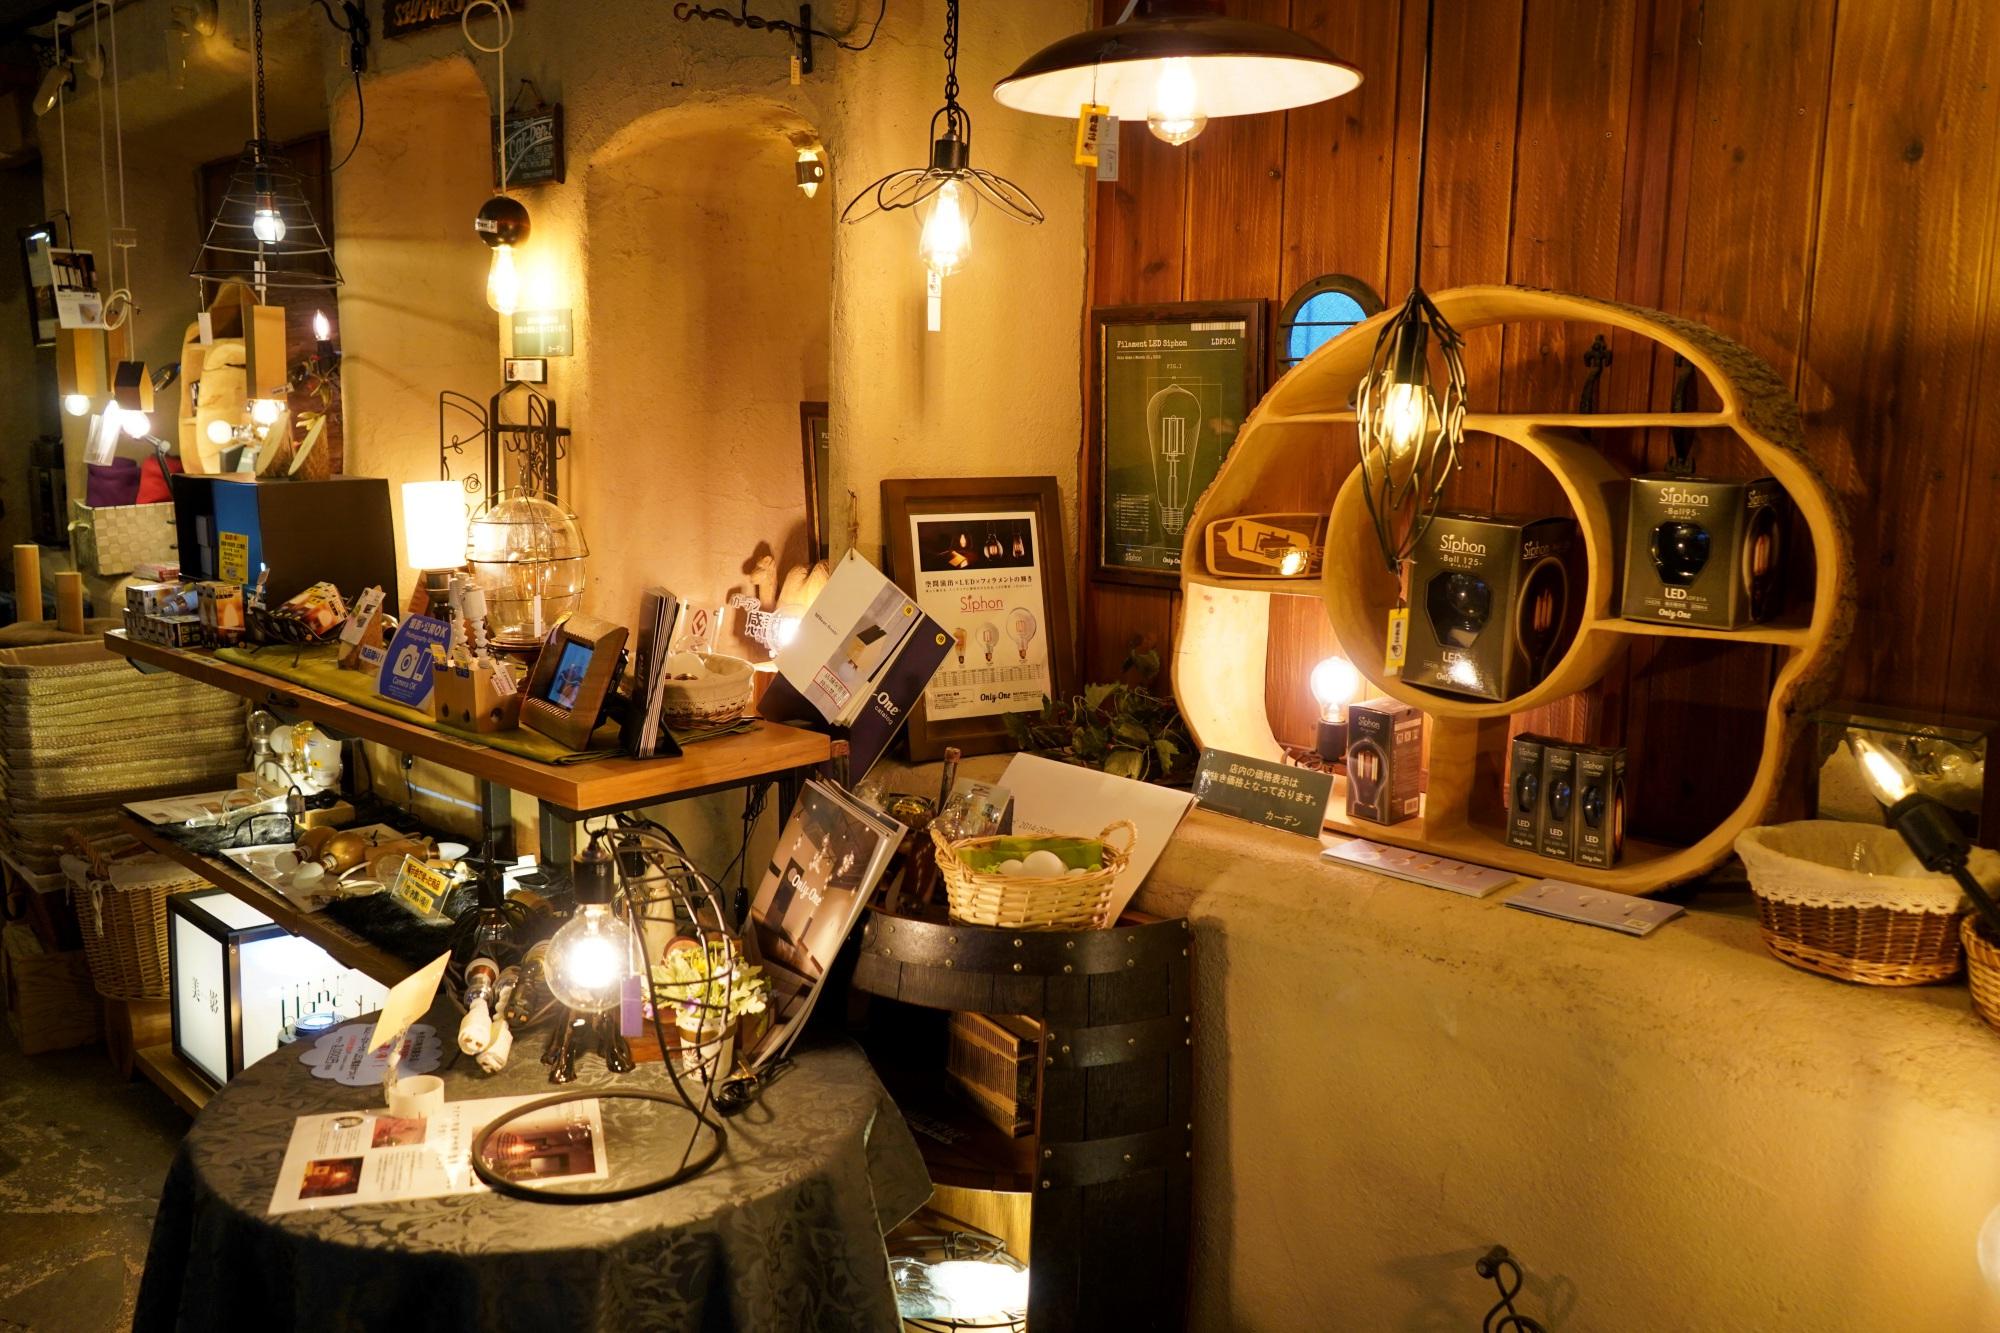 ママ友会や女子会に!みよしのランチは南欧風のおしゃれ喫茶『カーデンカフェ』で - DSC02674